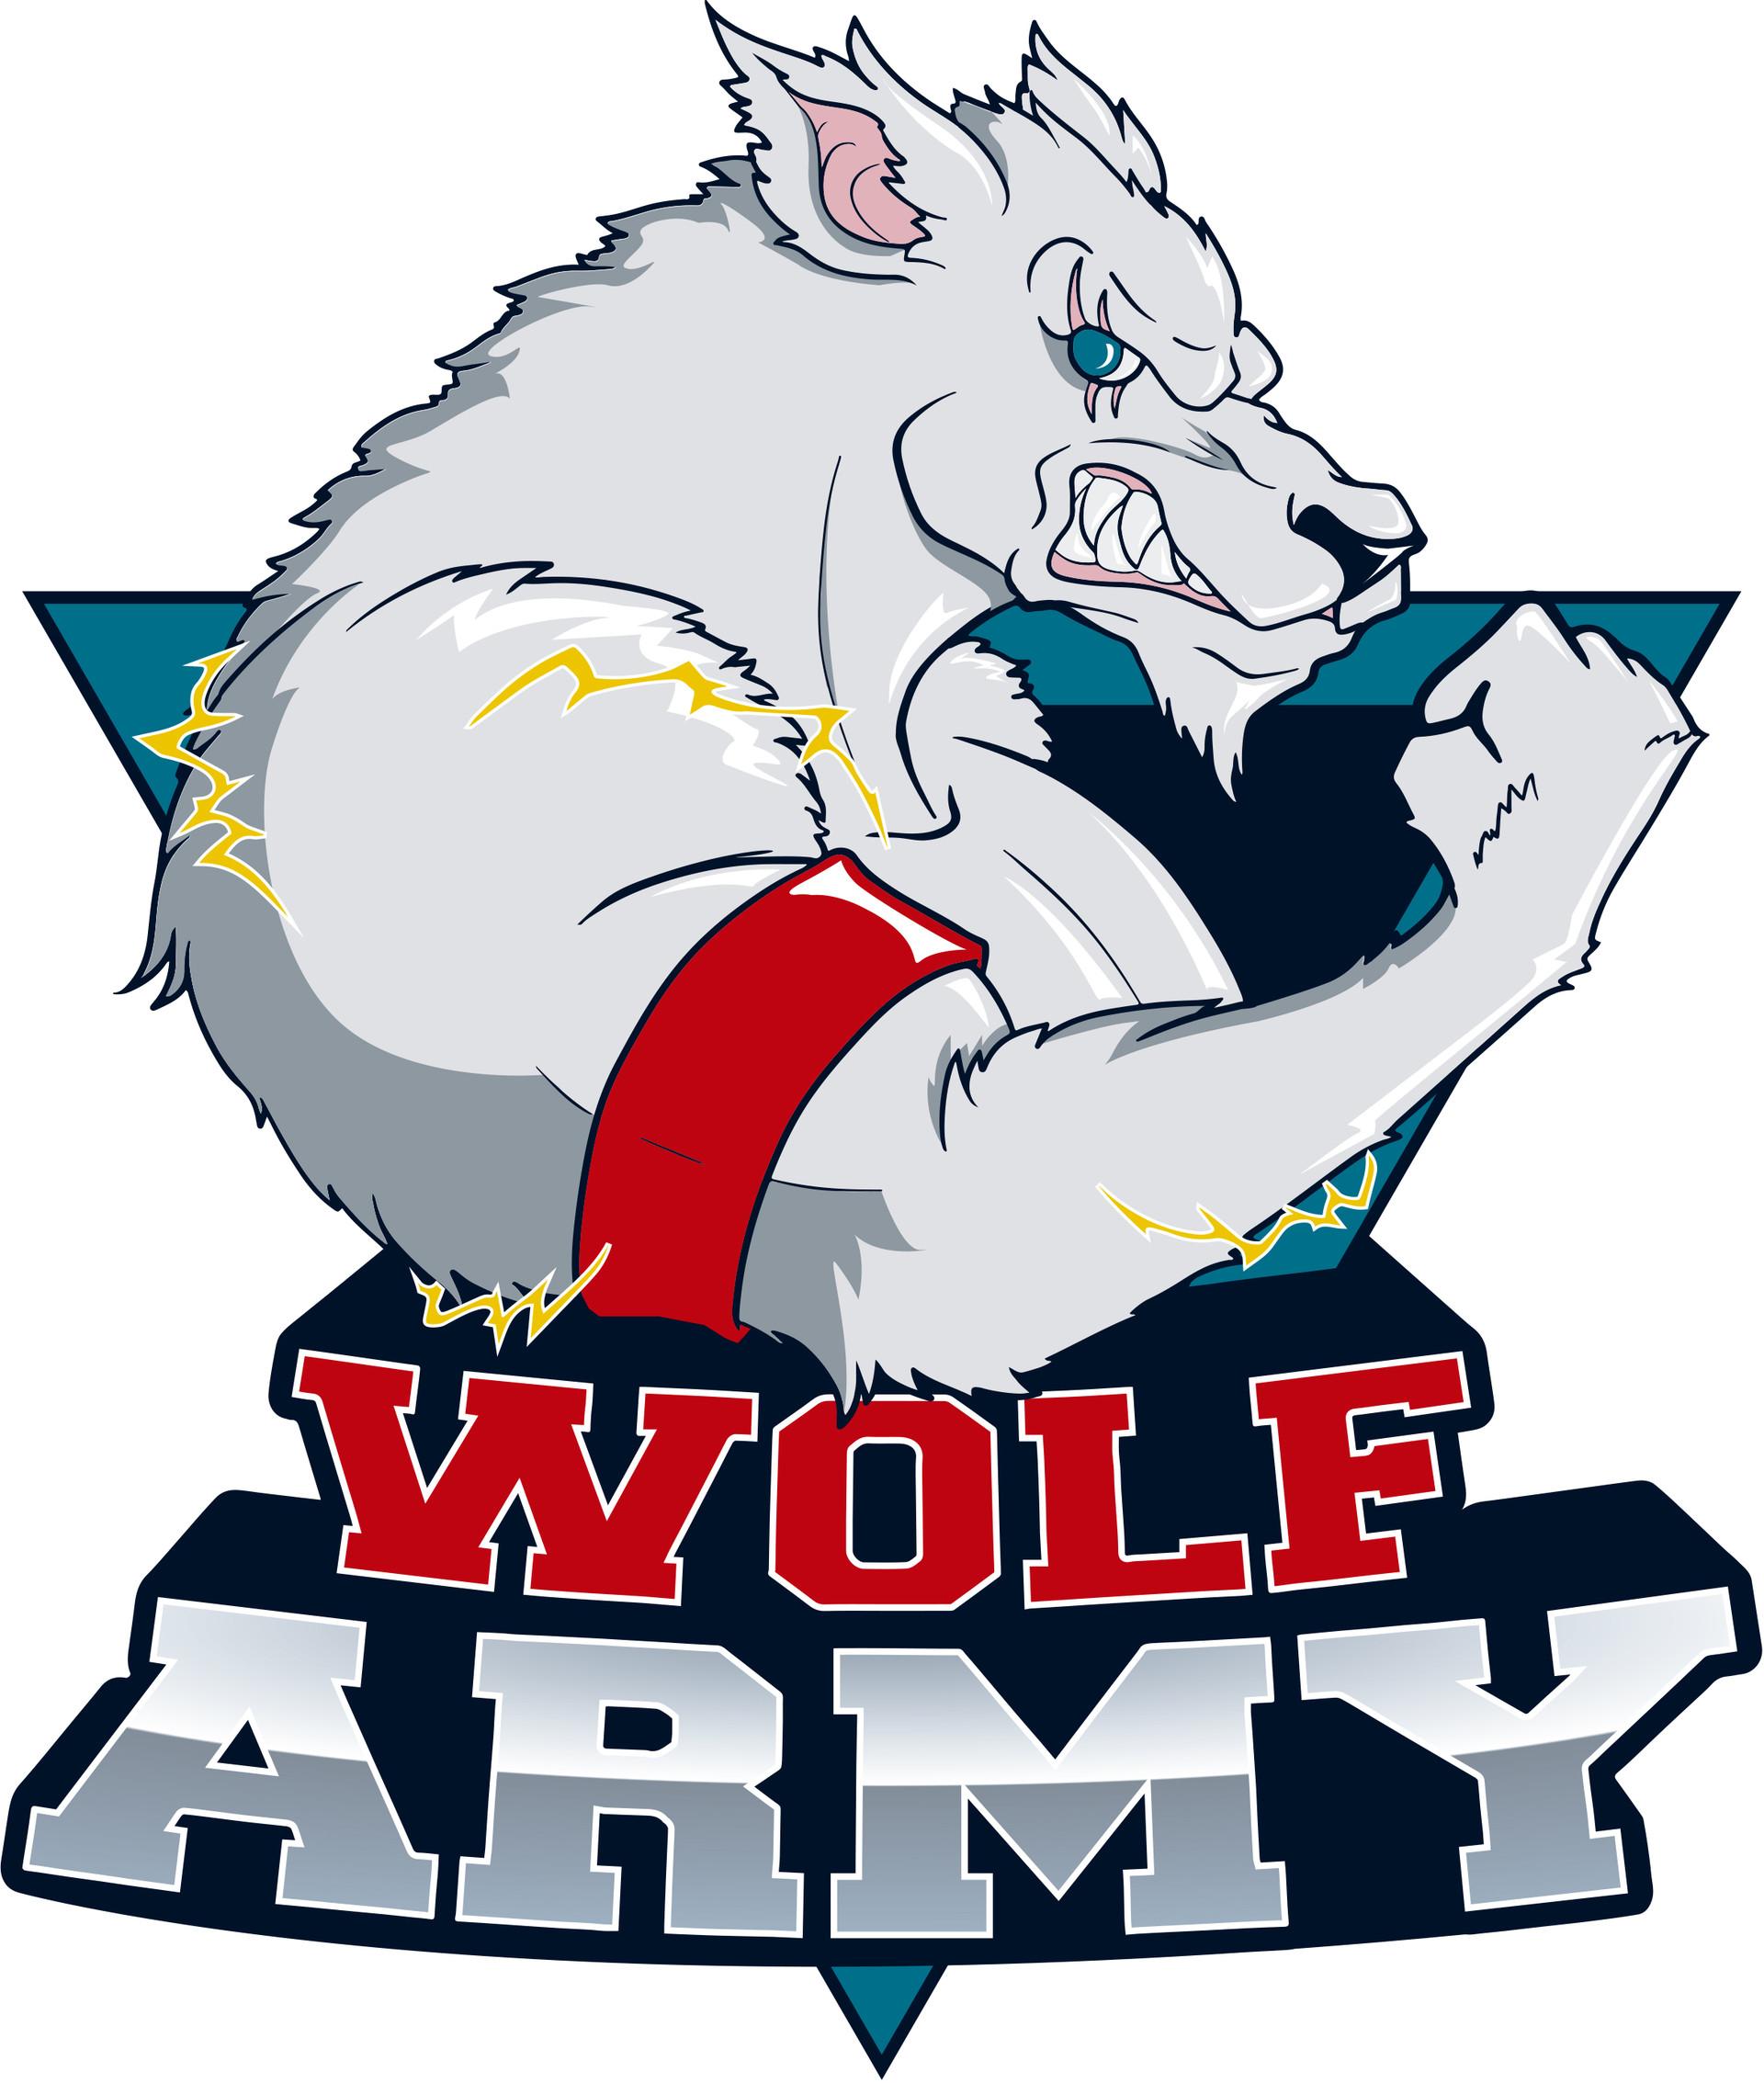 Javier garcia logo wolf army final